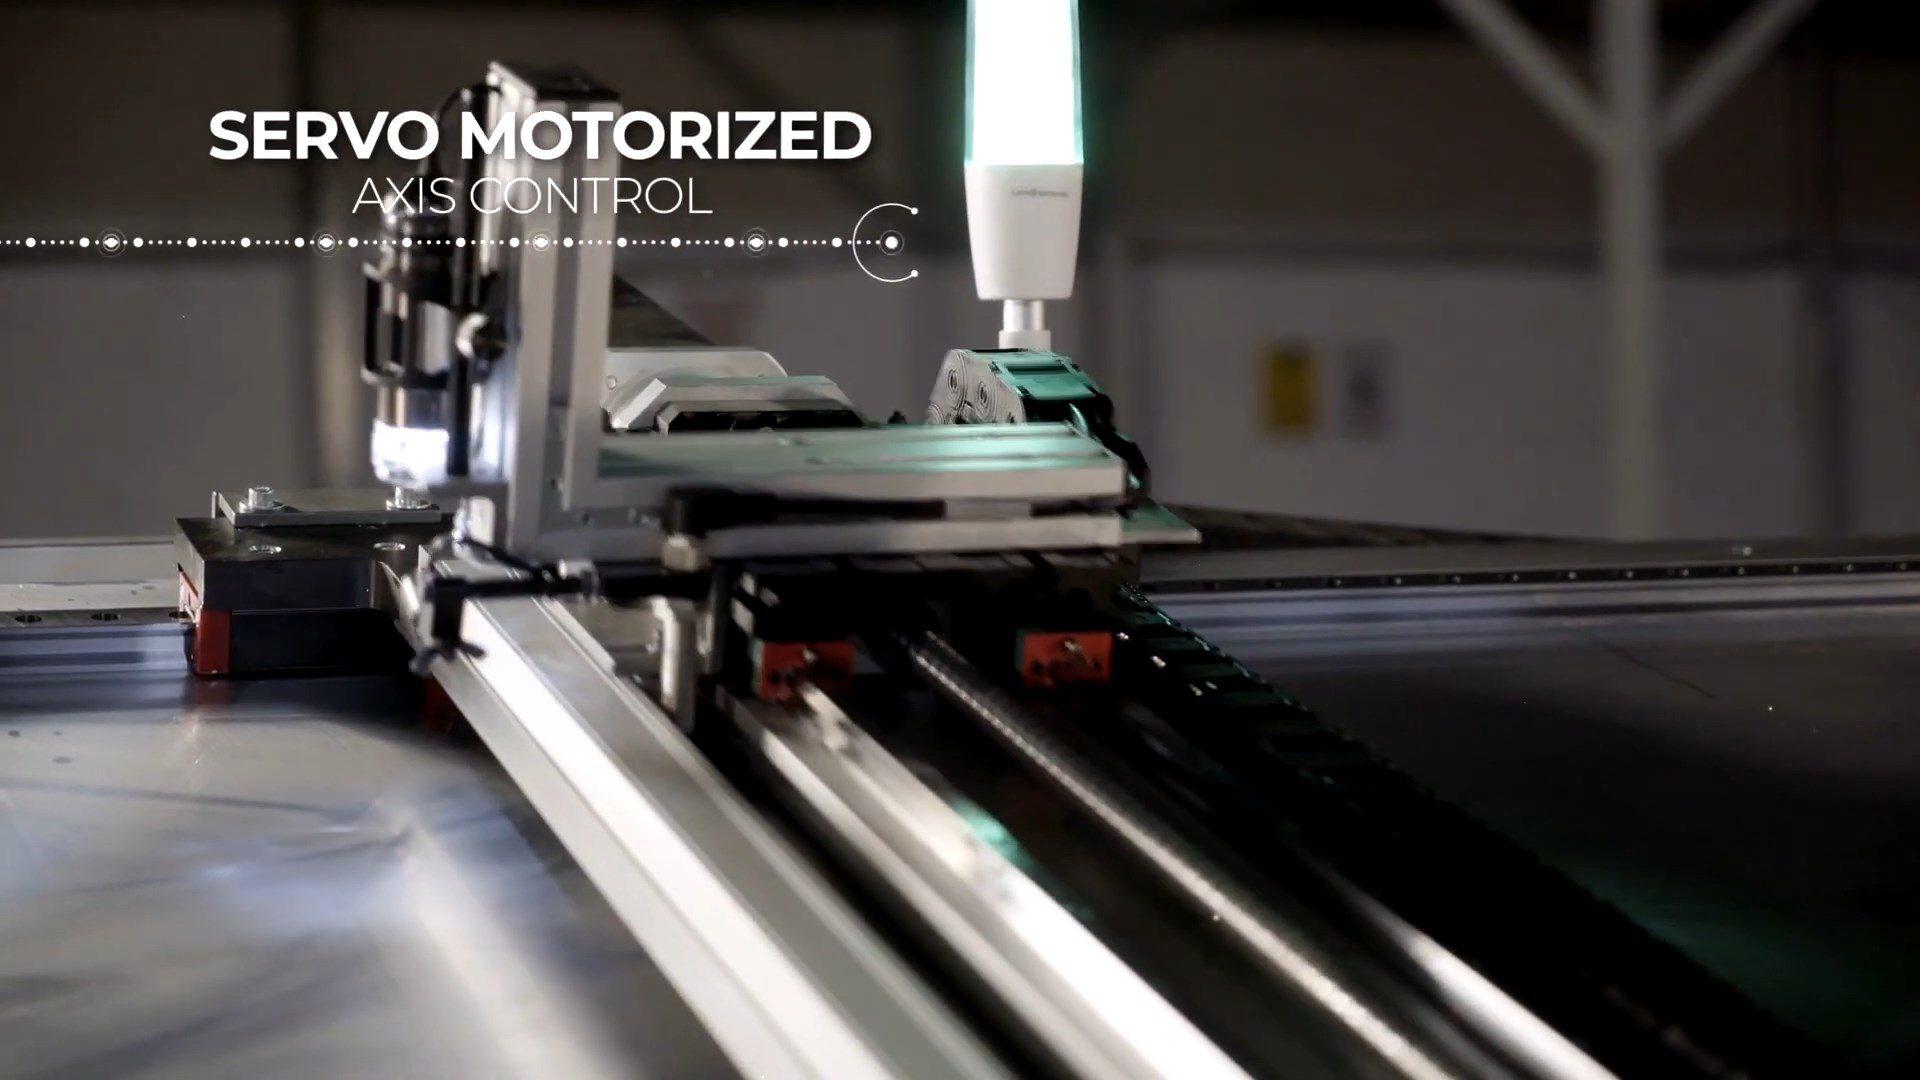 Makine Tanıtım Filmi EMS 5000 İngilizce Anlatım 2 1920x1080 - Emos Group EMS 5000 Ürün Tanıtım Filmi